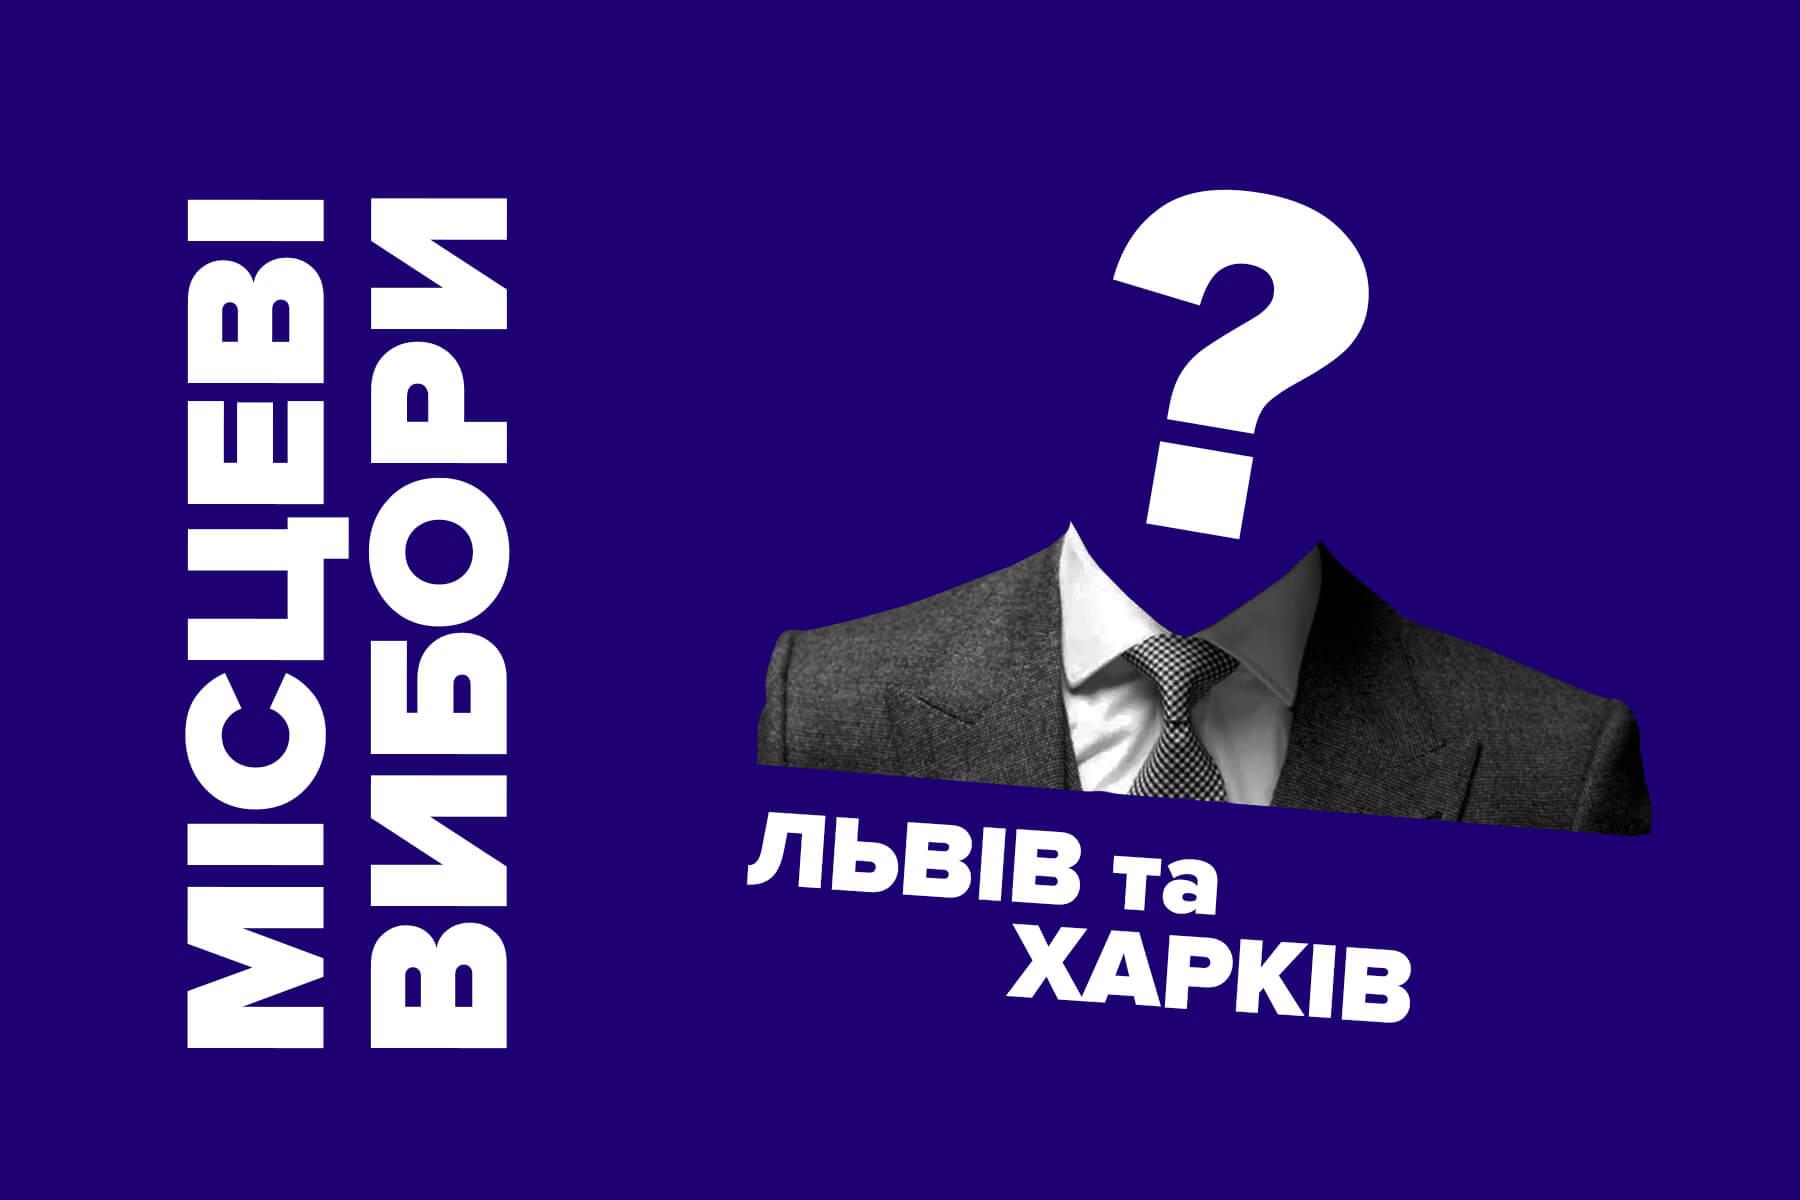 Передвиборчі маніпуляції, частина 2. Фактчек кандидатів у мери Львова та Харкова